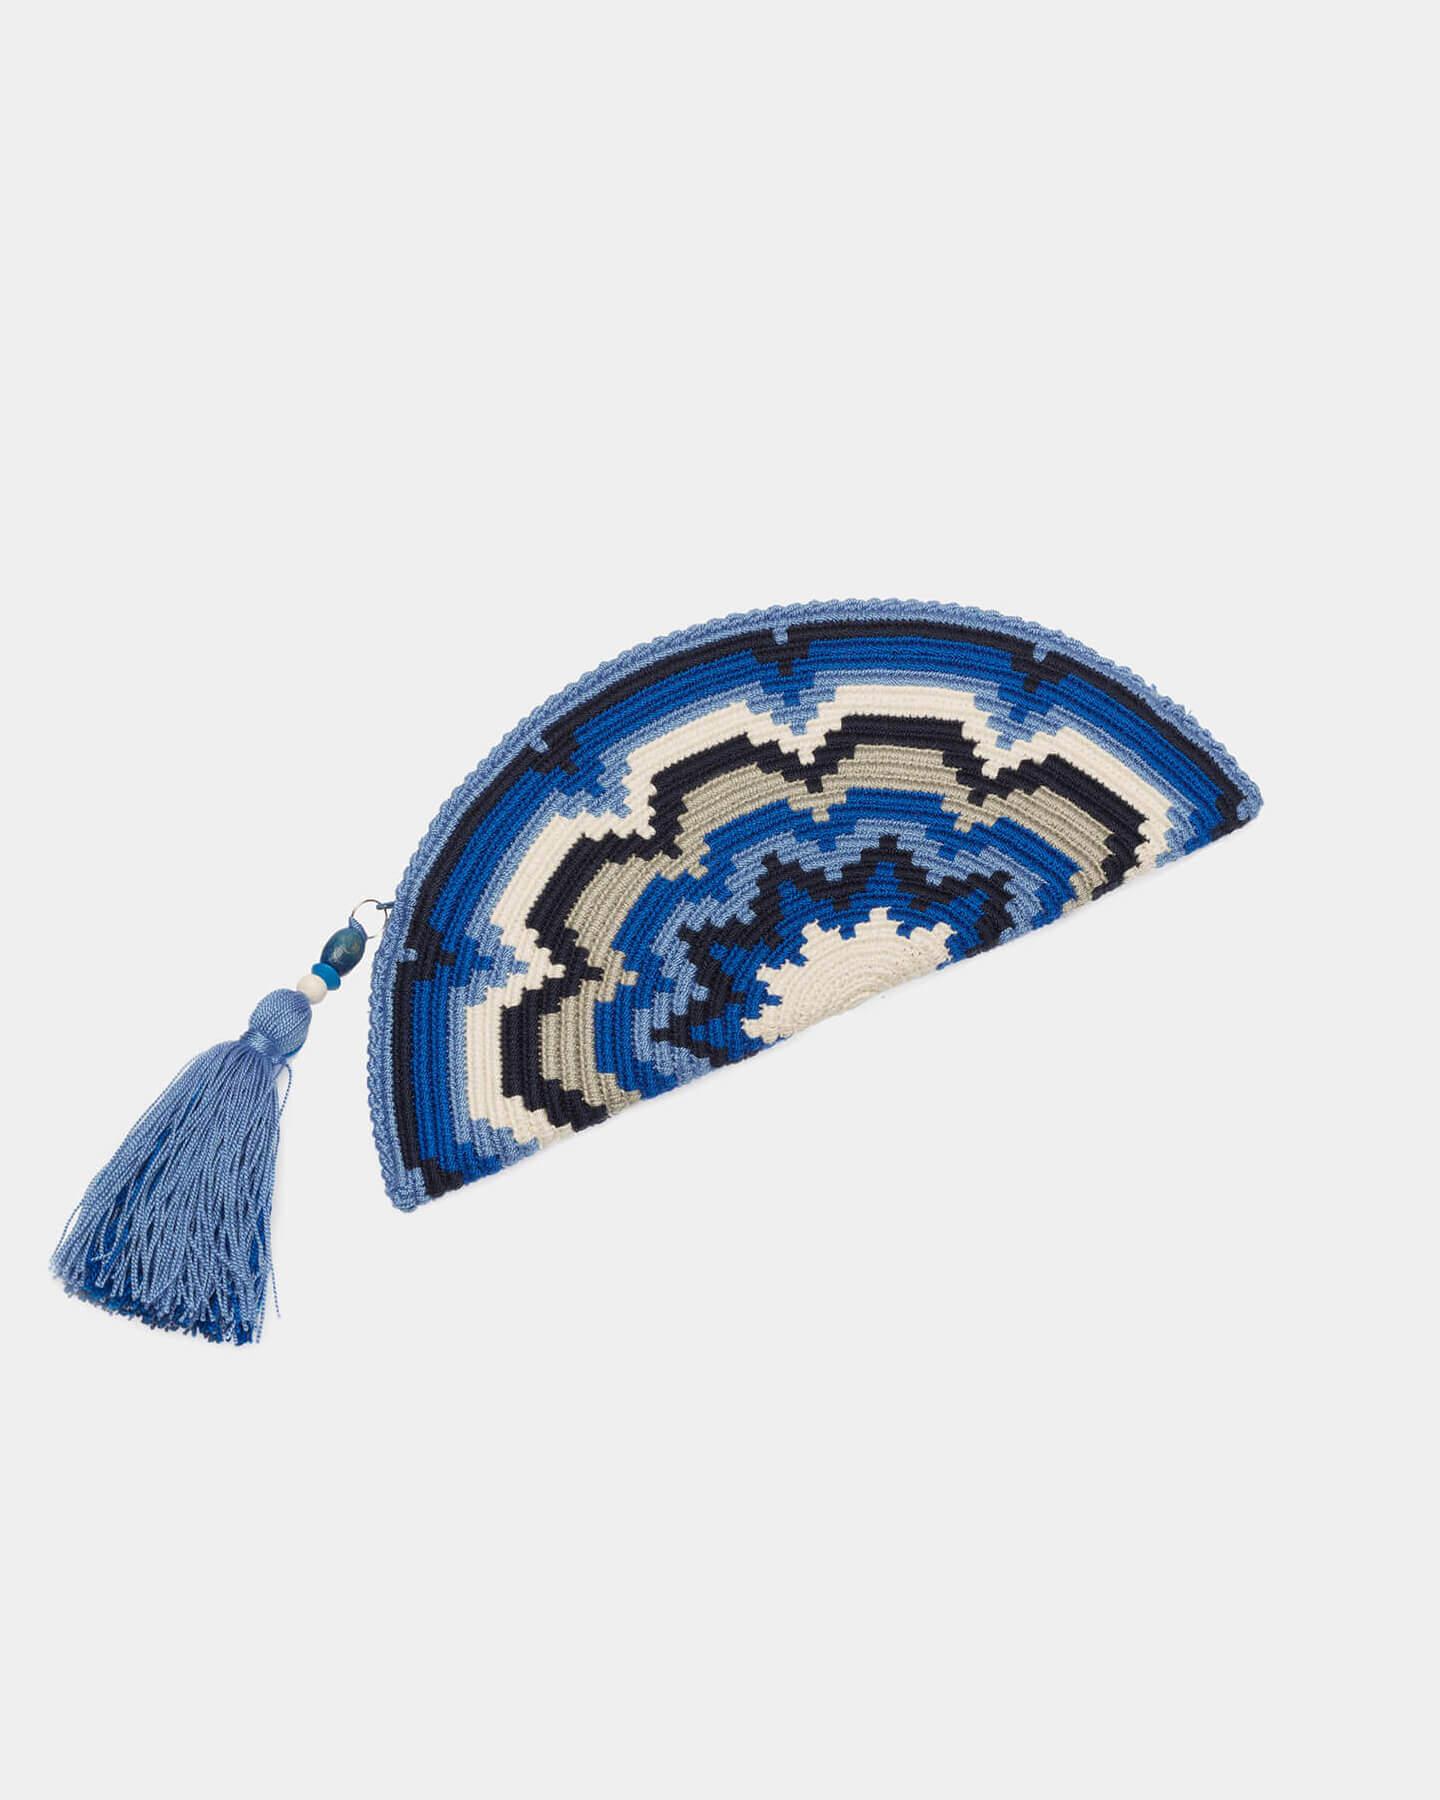 Adelie Blue & White clutch by ALLBYB Design, Philadelphia